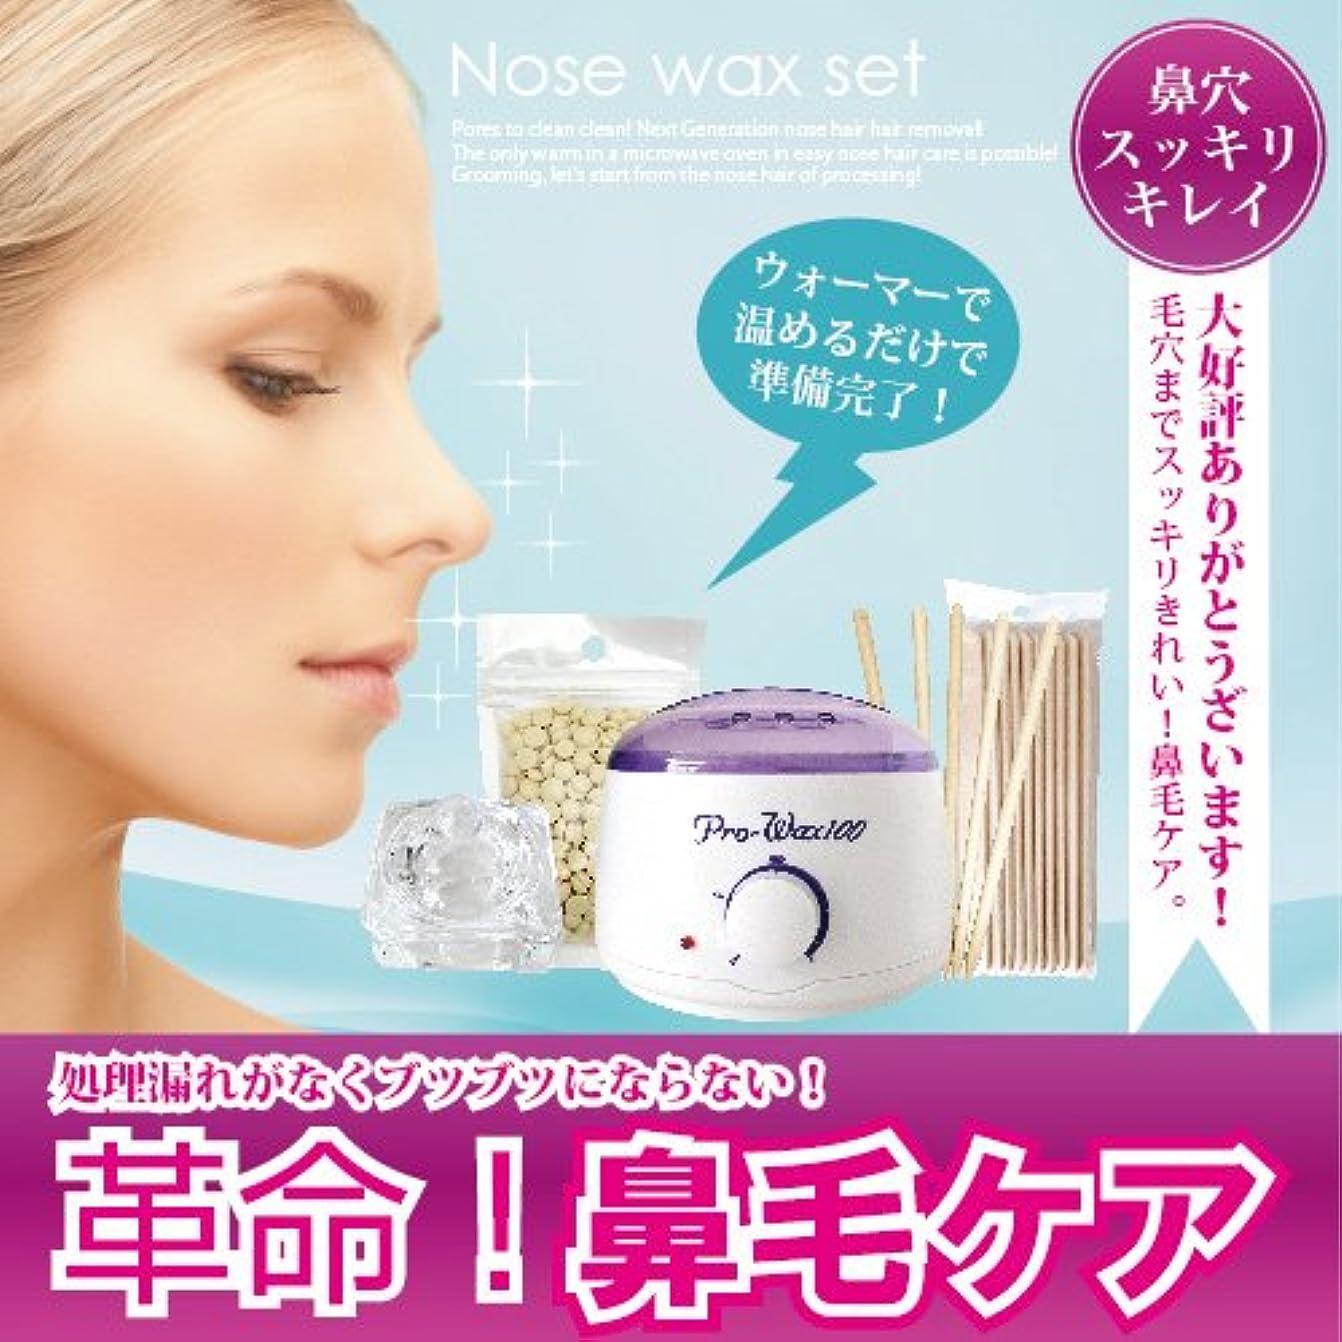 しなやか面白いルームブラジリアンワックス Nose wax setウォーマー付ノーズワックス鼻毛ケアセット(約12回分)